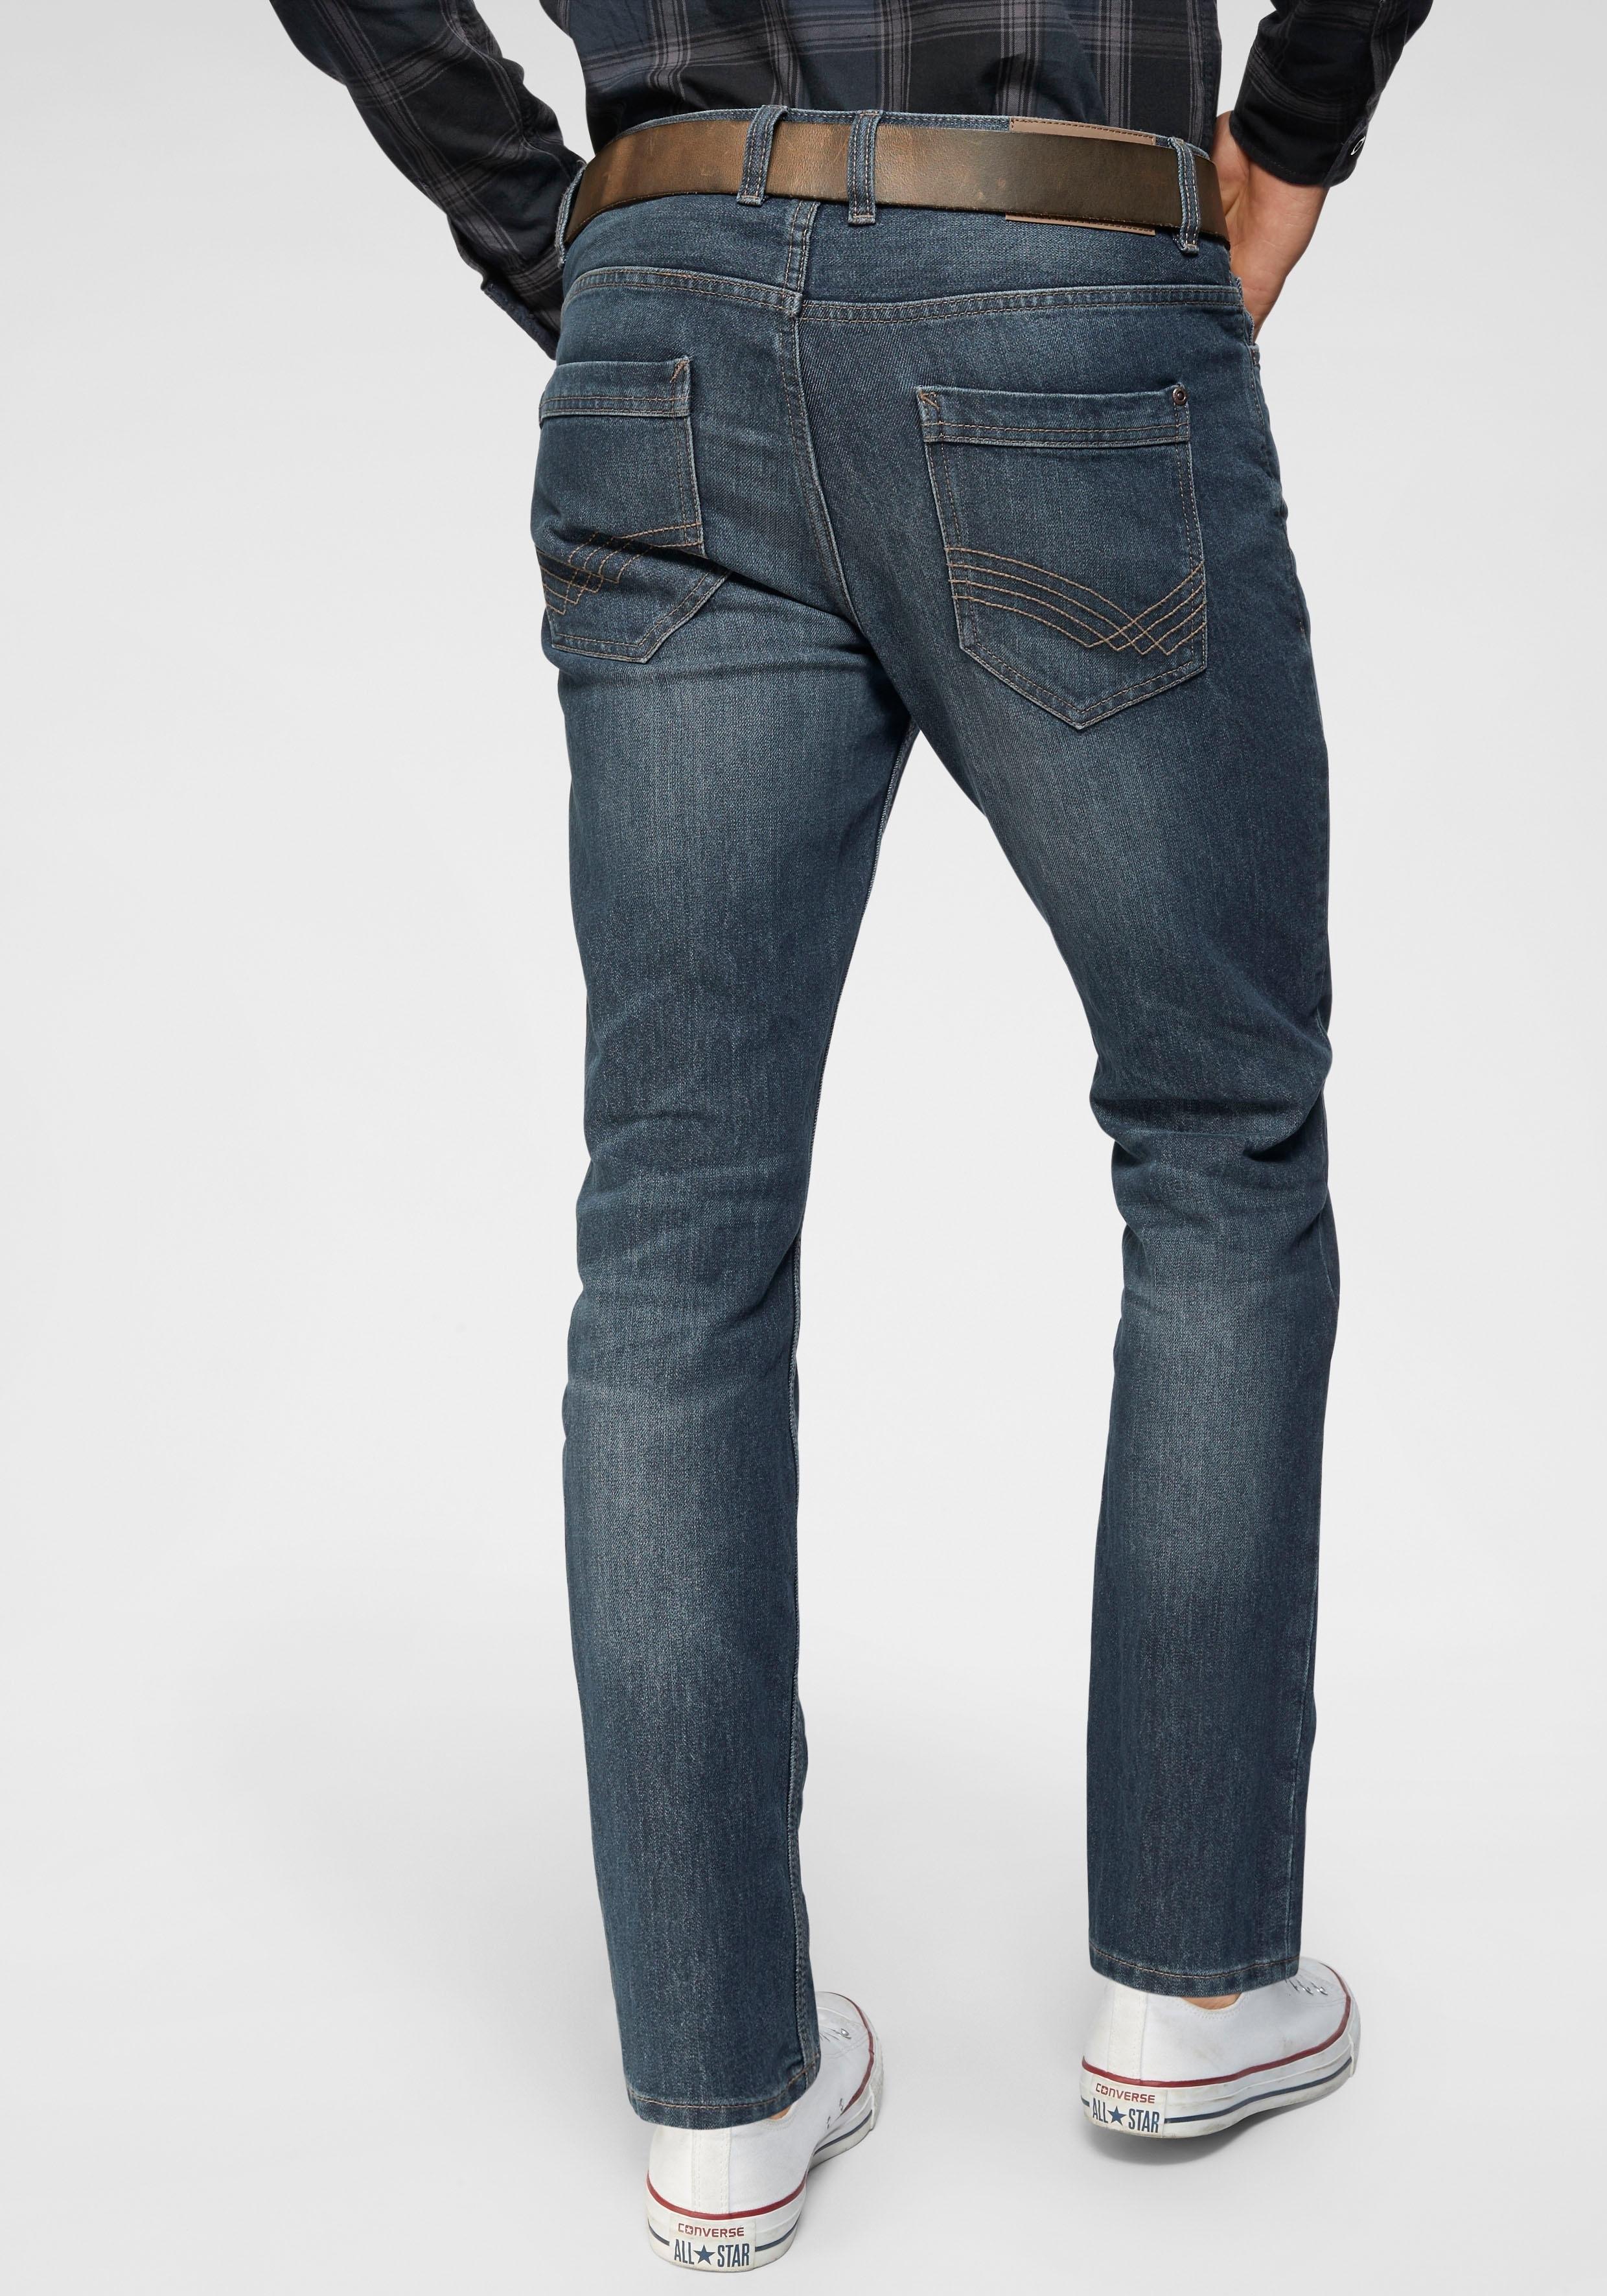 Tom Tailor straight jeans Marvin 5-pocket jeans bestellen: 30 dagen bedenktijd